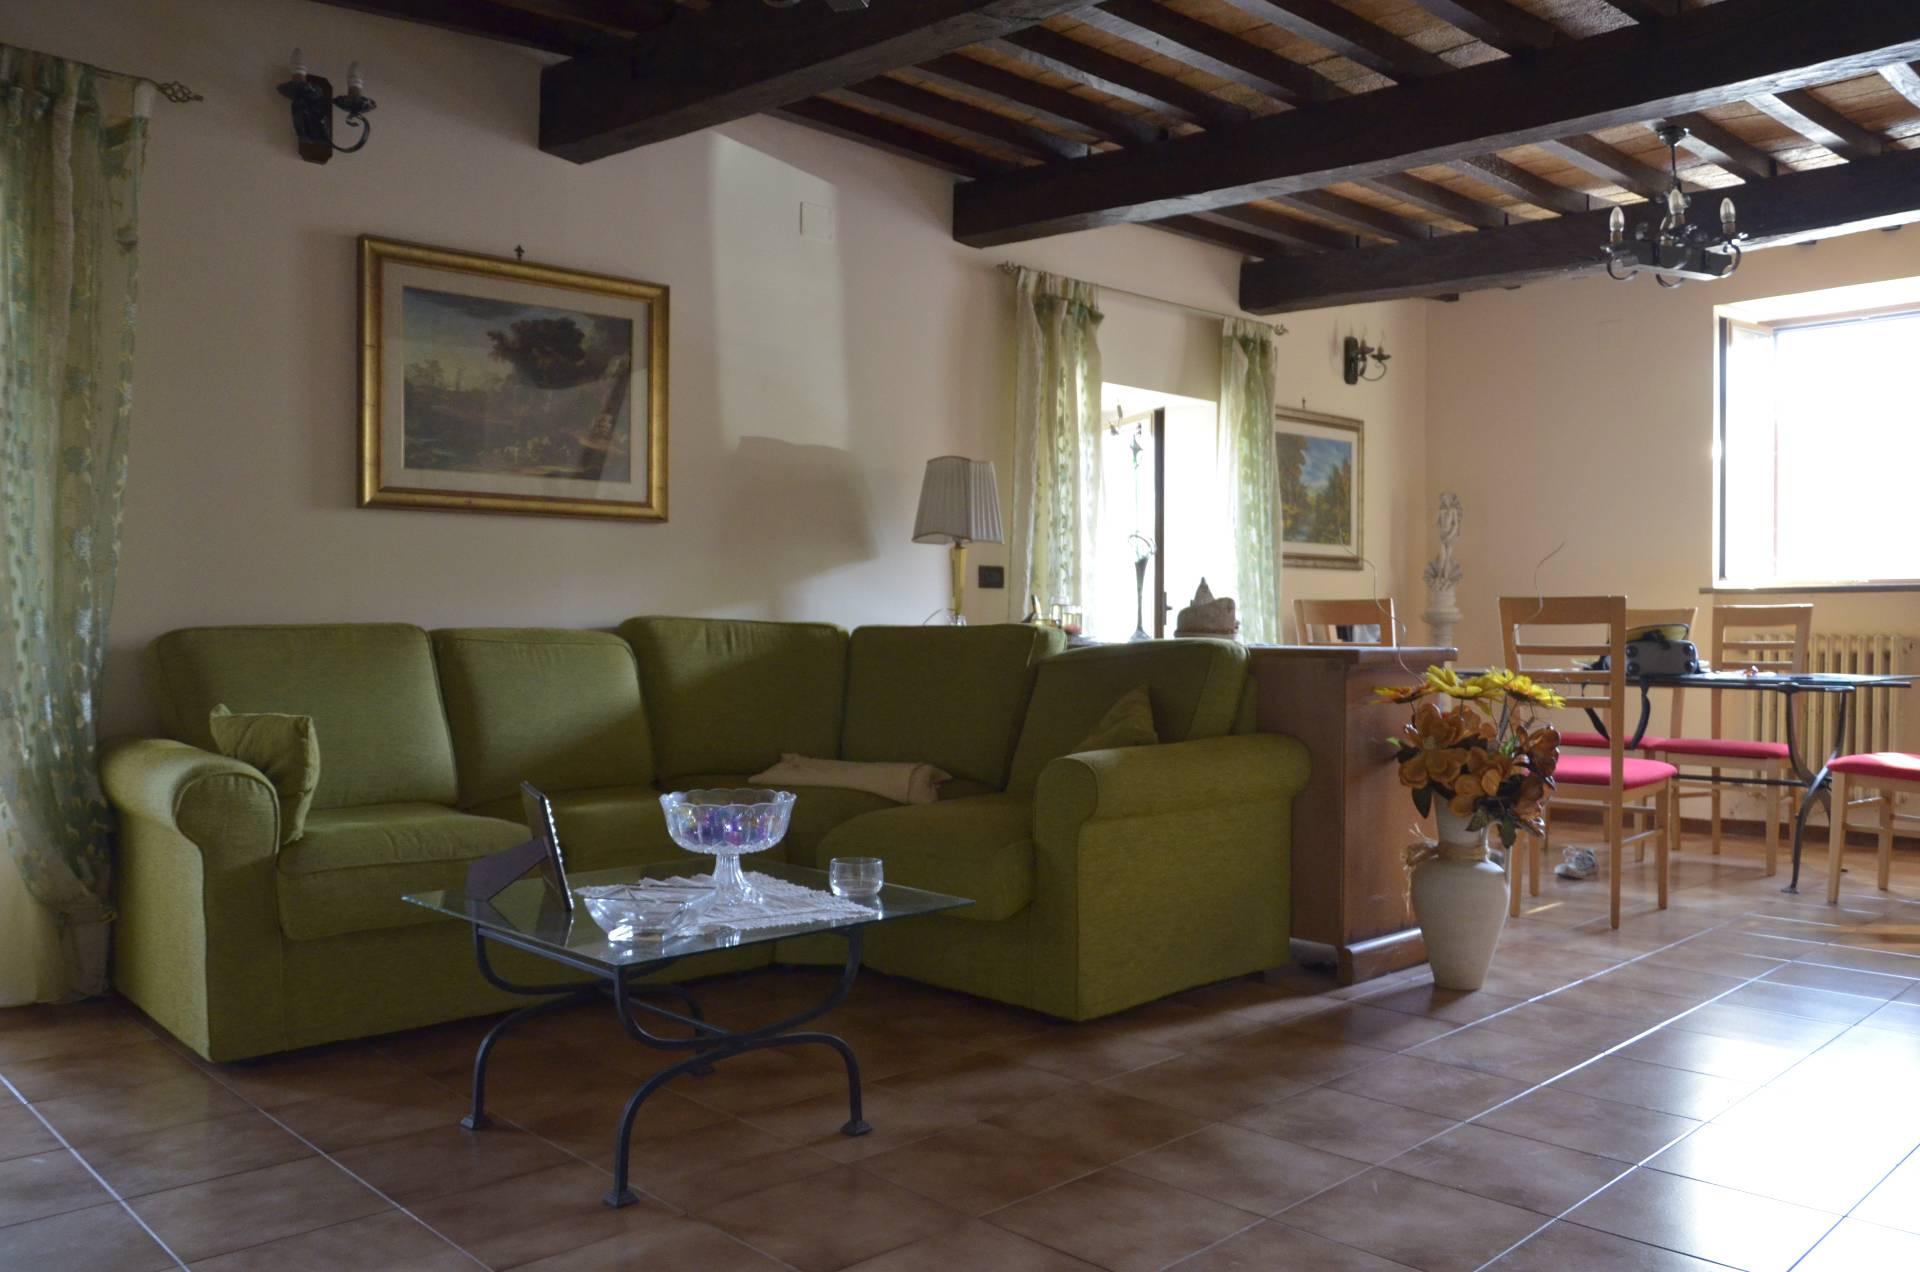 Soluzione Indipendente in vendita a Castel Giorgio, 7 locali, prezzo € 120.000 | Cambio Casa.it